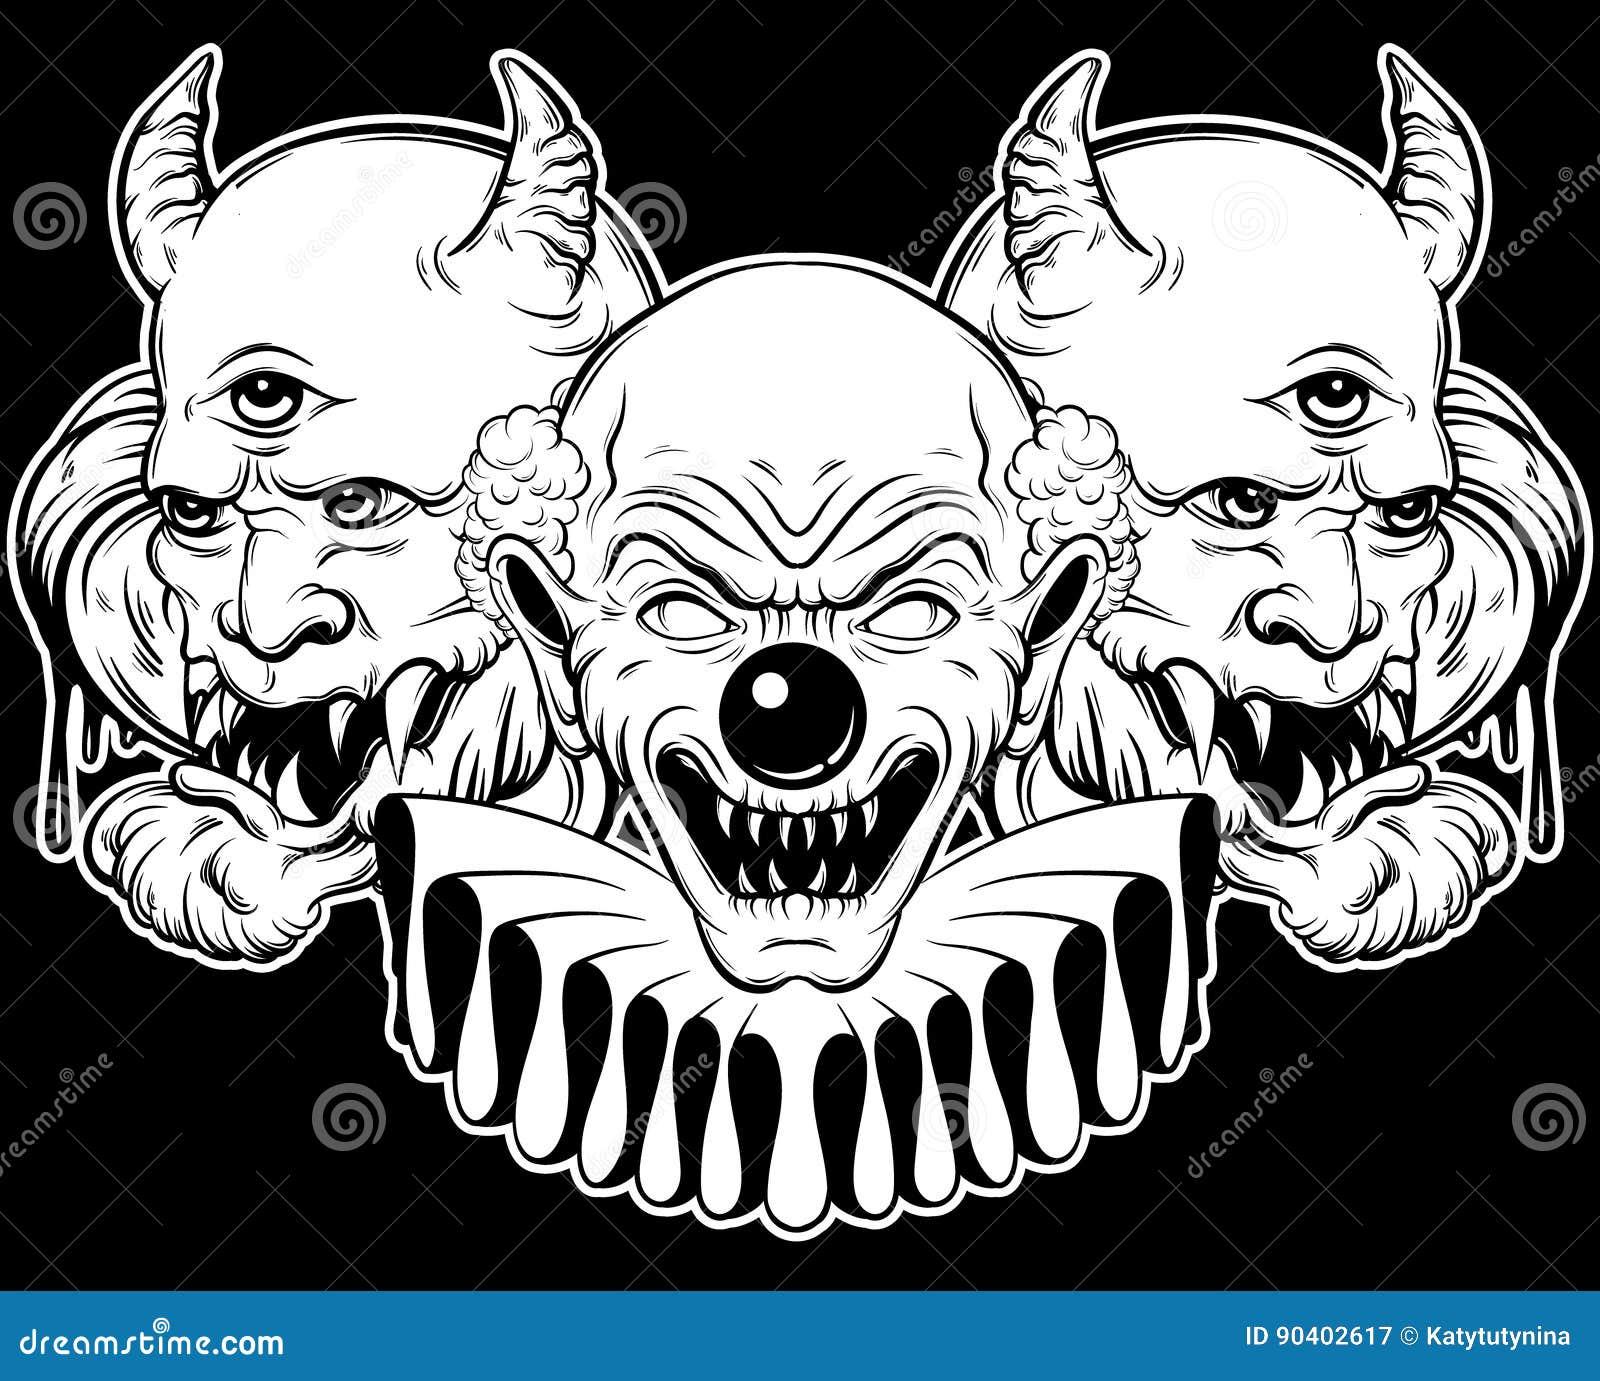 Desenho Palhaço Tatuagem vector a ilustração tirada mão do palhaço e do demônio